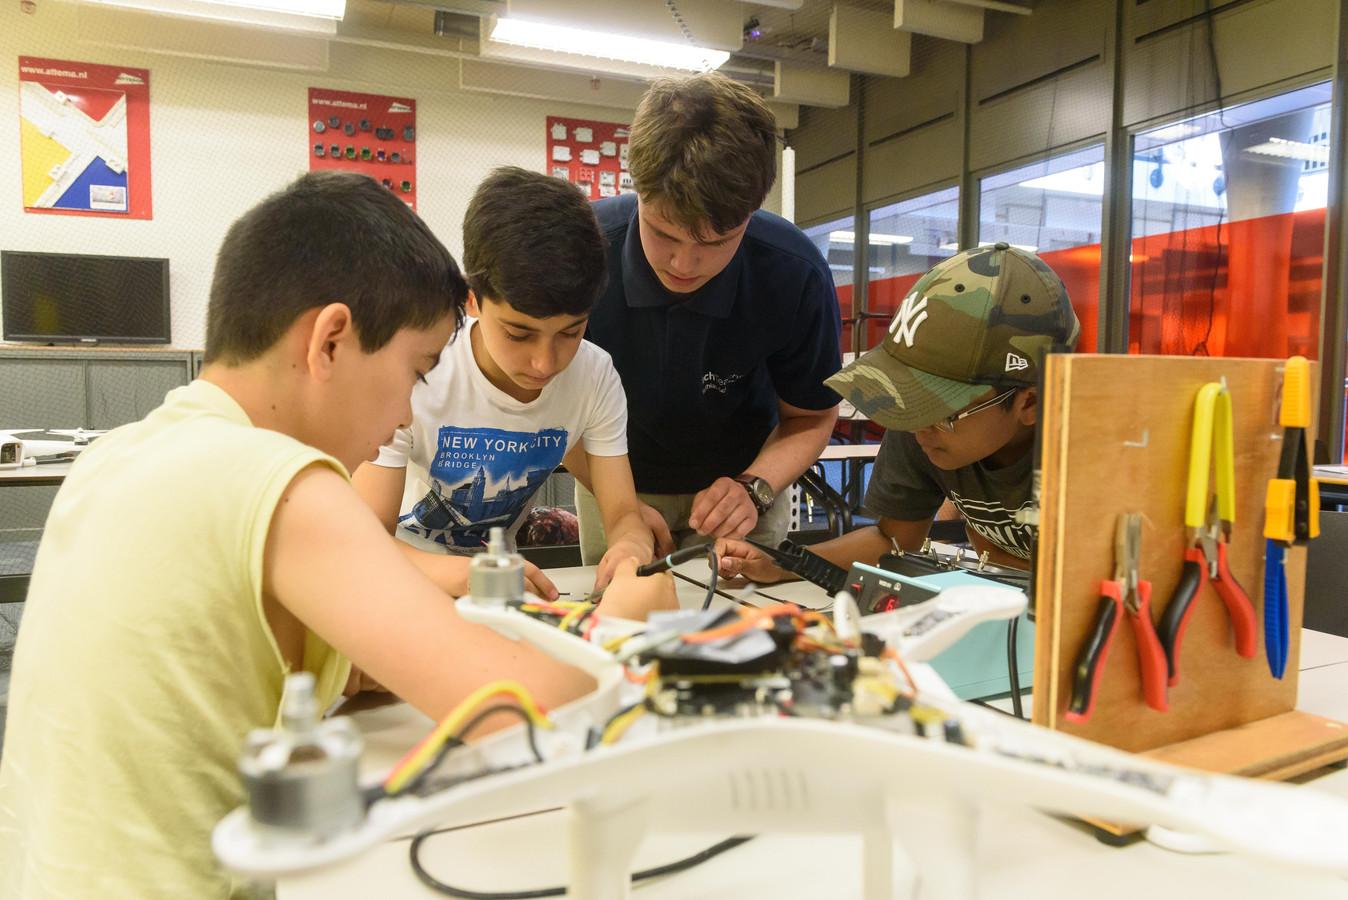 Kinderen van de weekendschool in Hengelo krijgen tekst en uitleg over drones. Vervolgens gaan ze daar zelf mee aan de slag.